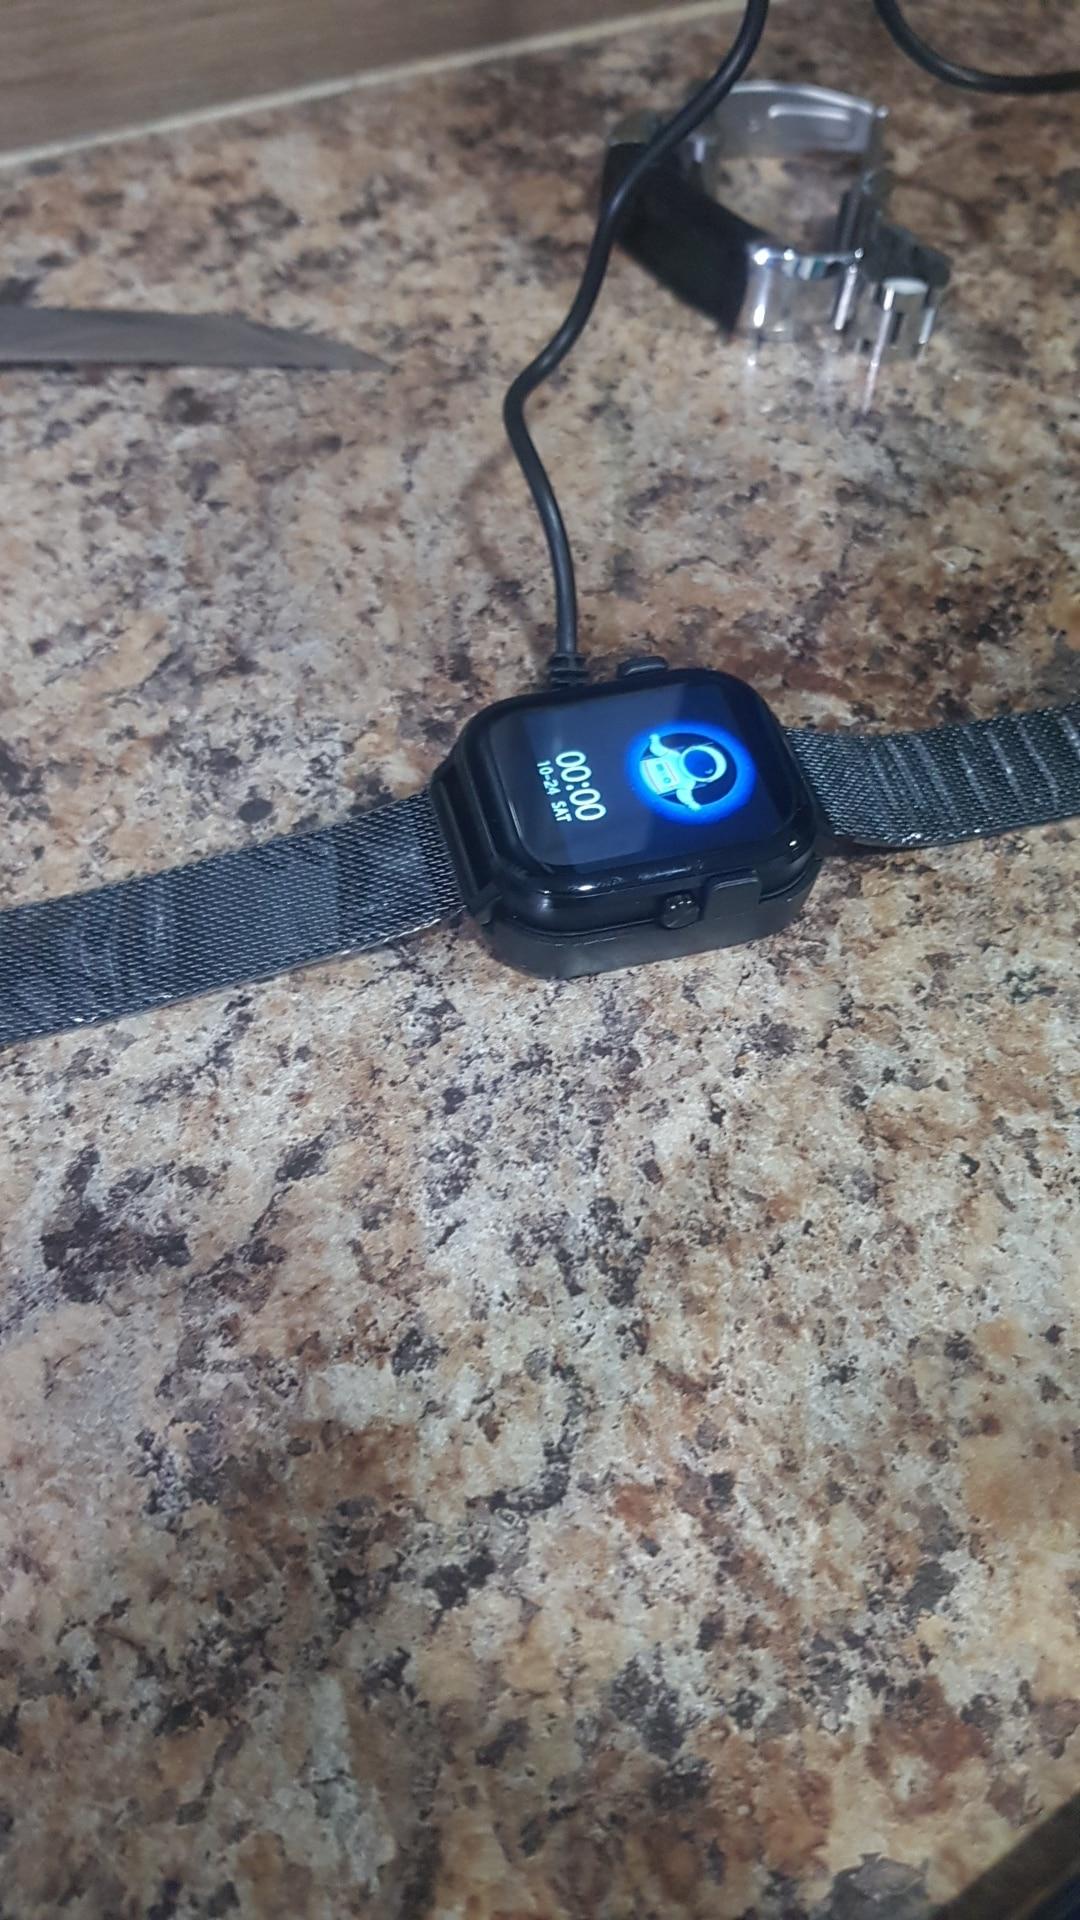 Montre connectée Bluetooth moniteur de fréquence cardiaque